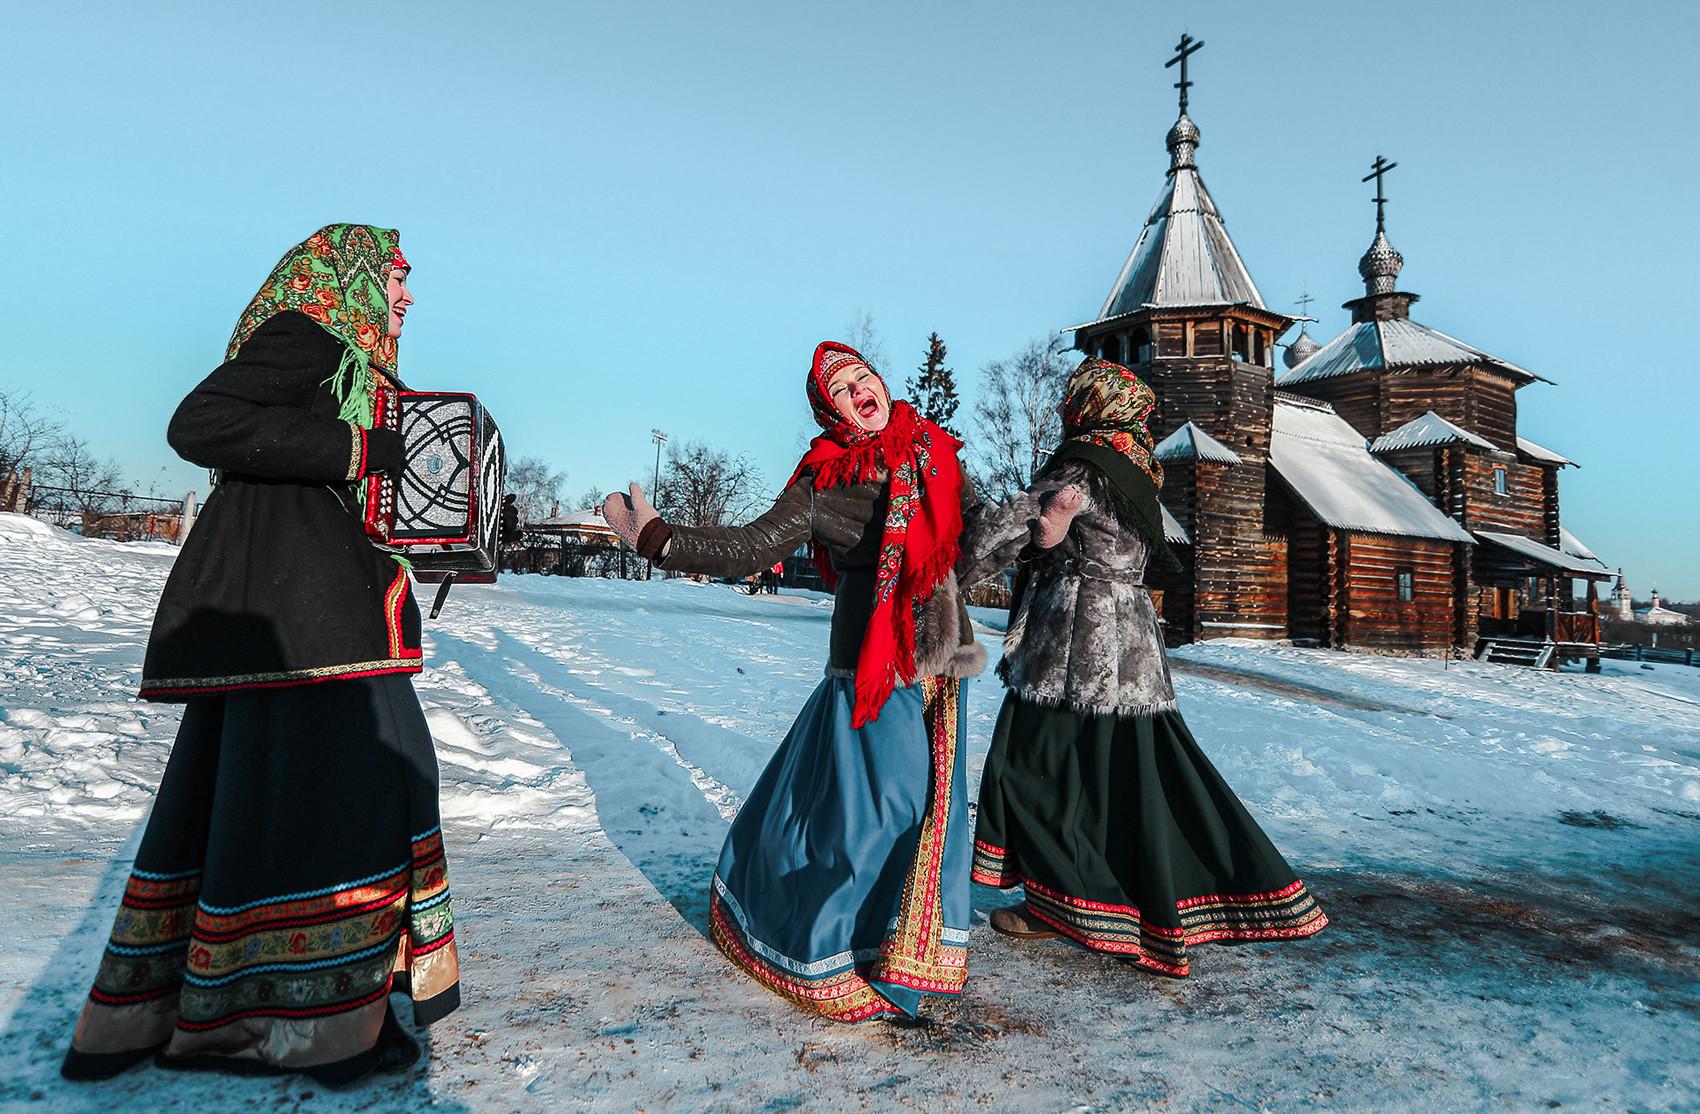 Suzdal saat perayaan Maslenitsa.